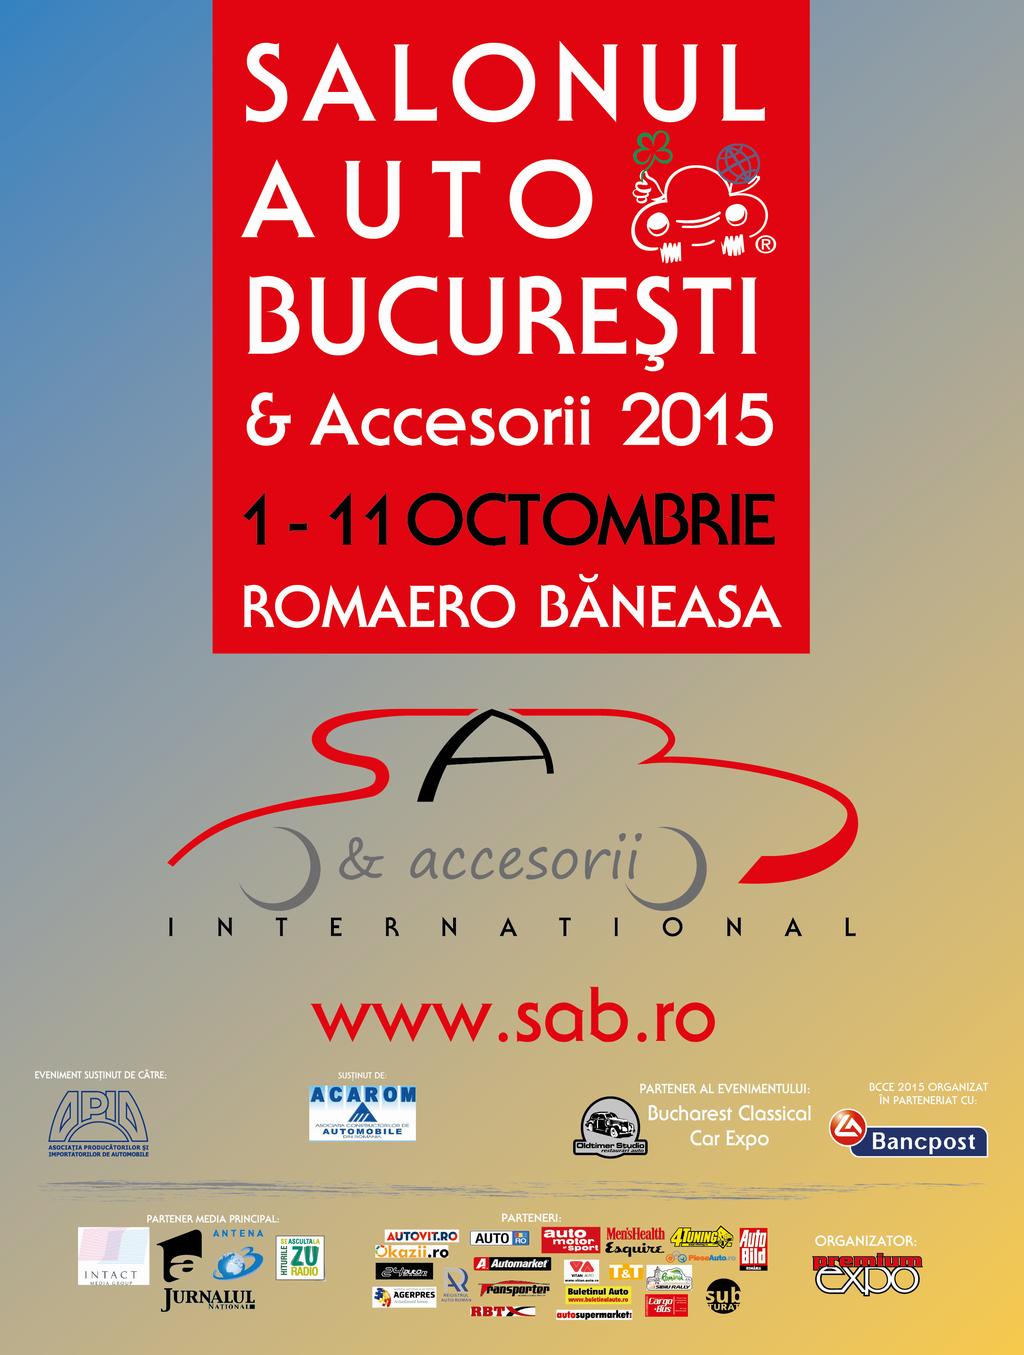 Salonul Auto Bucuresti 1-11 Octombrie 2015 – Romaero Baneasa